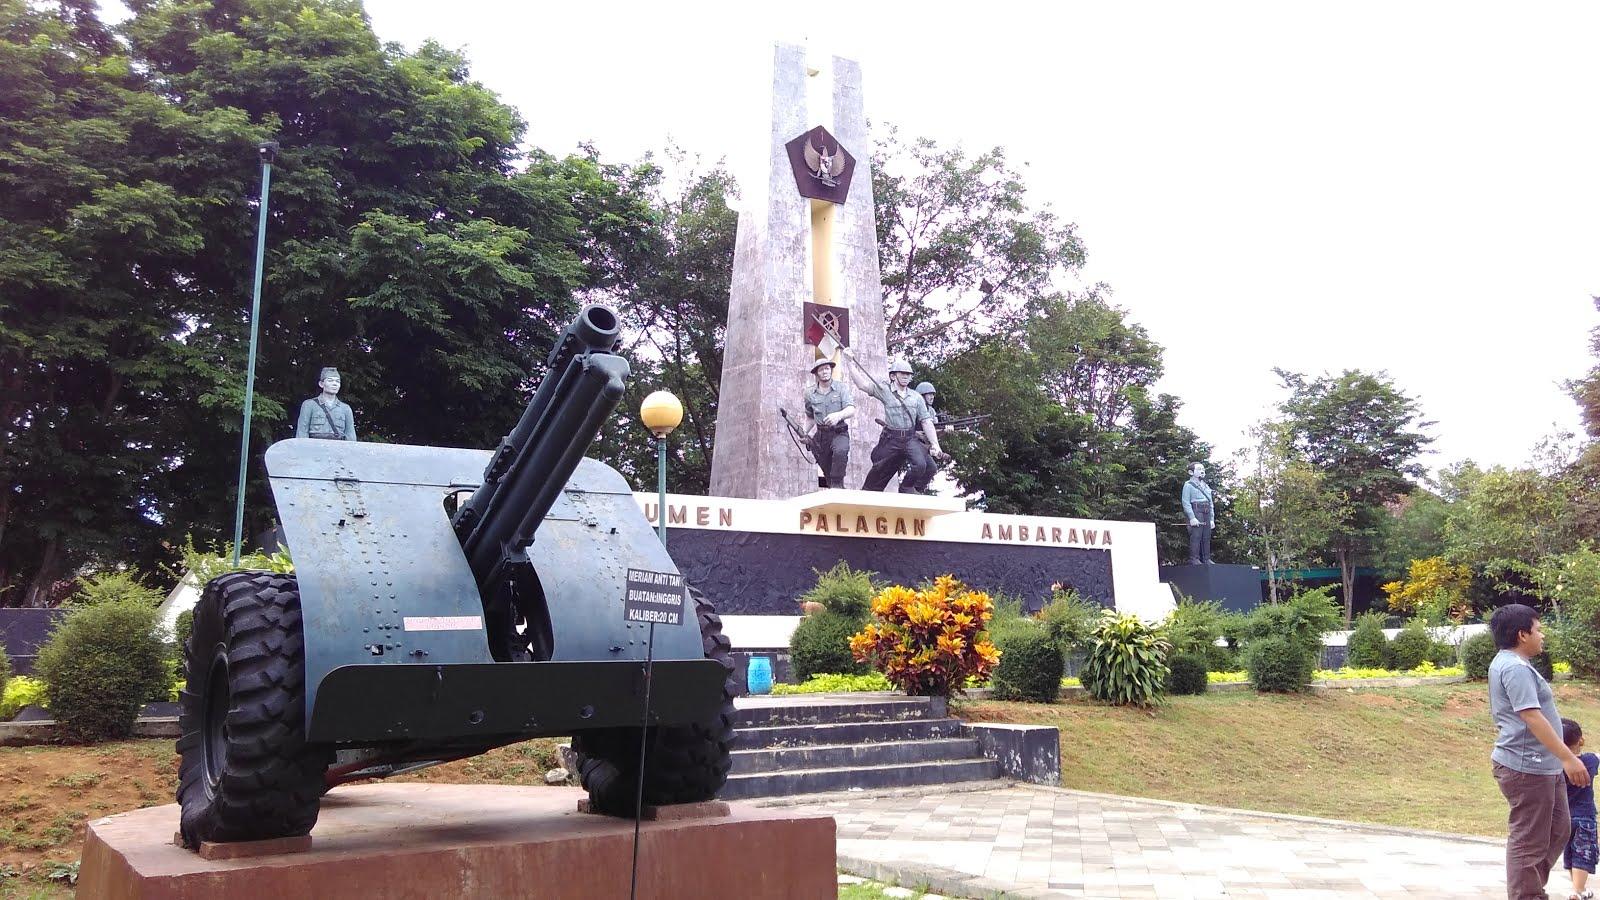 Palagan Ambarawa Monumen Kab Semarang